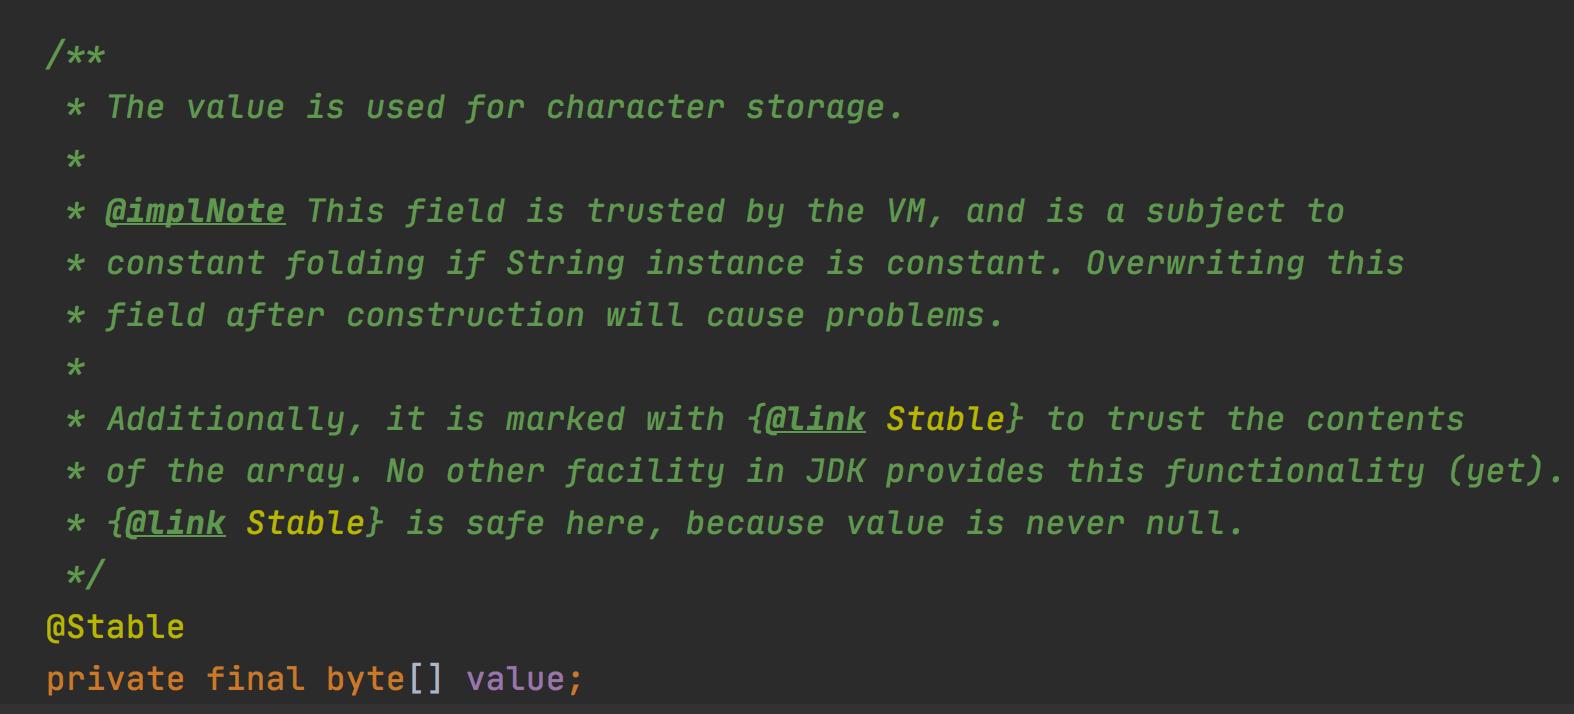 String 底层从 char[] 数组换位了 byte[]